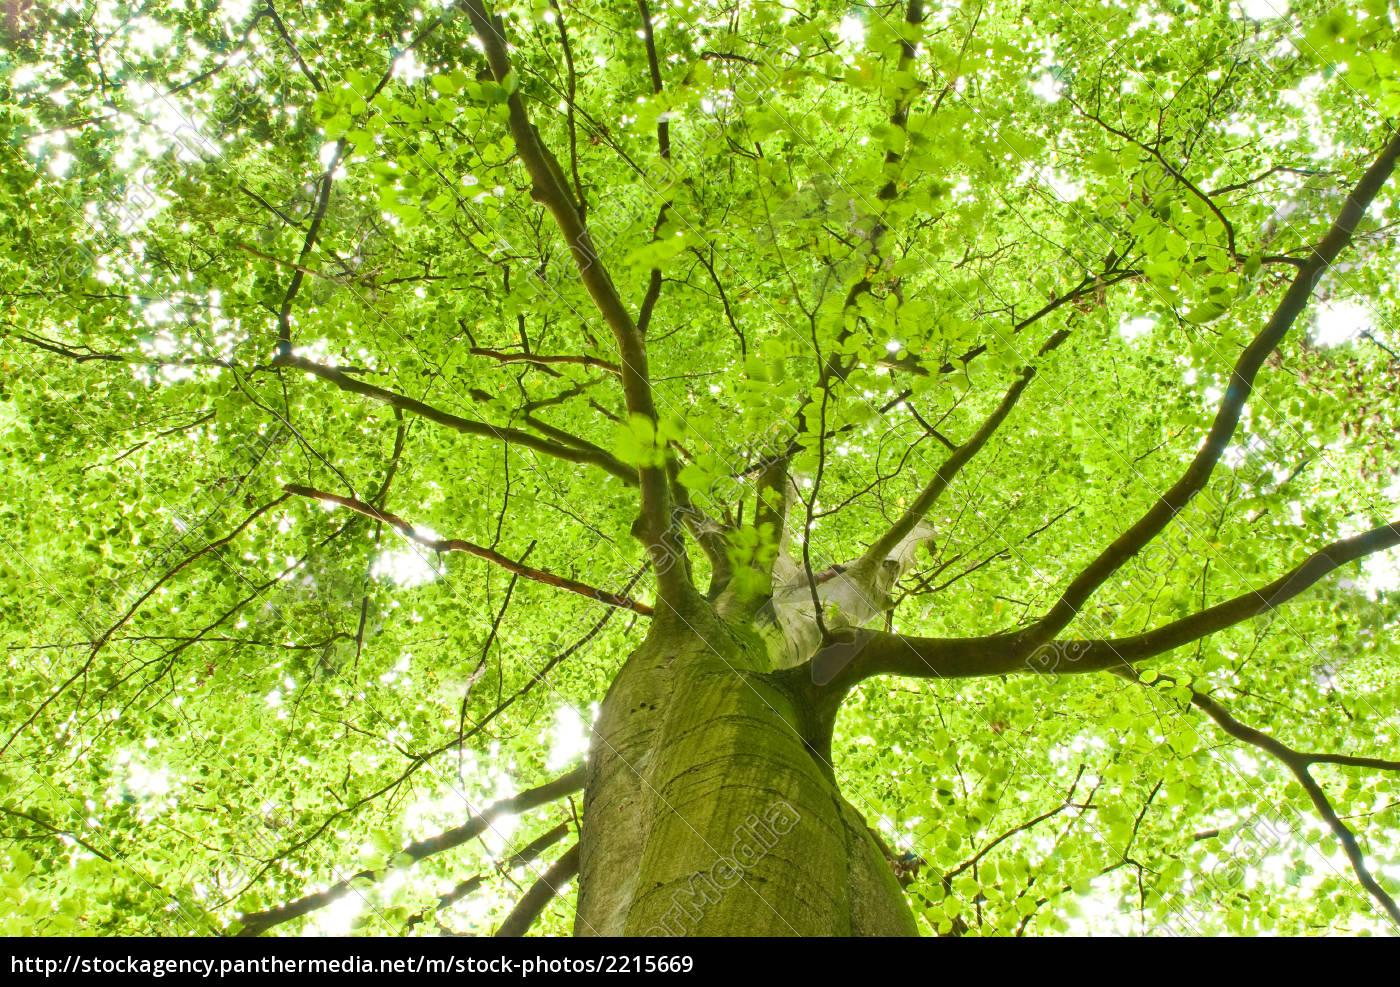 grüner baum oben - lizenzfreies bild - #2215669 - bildagentur